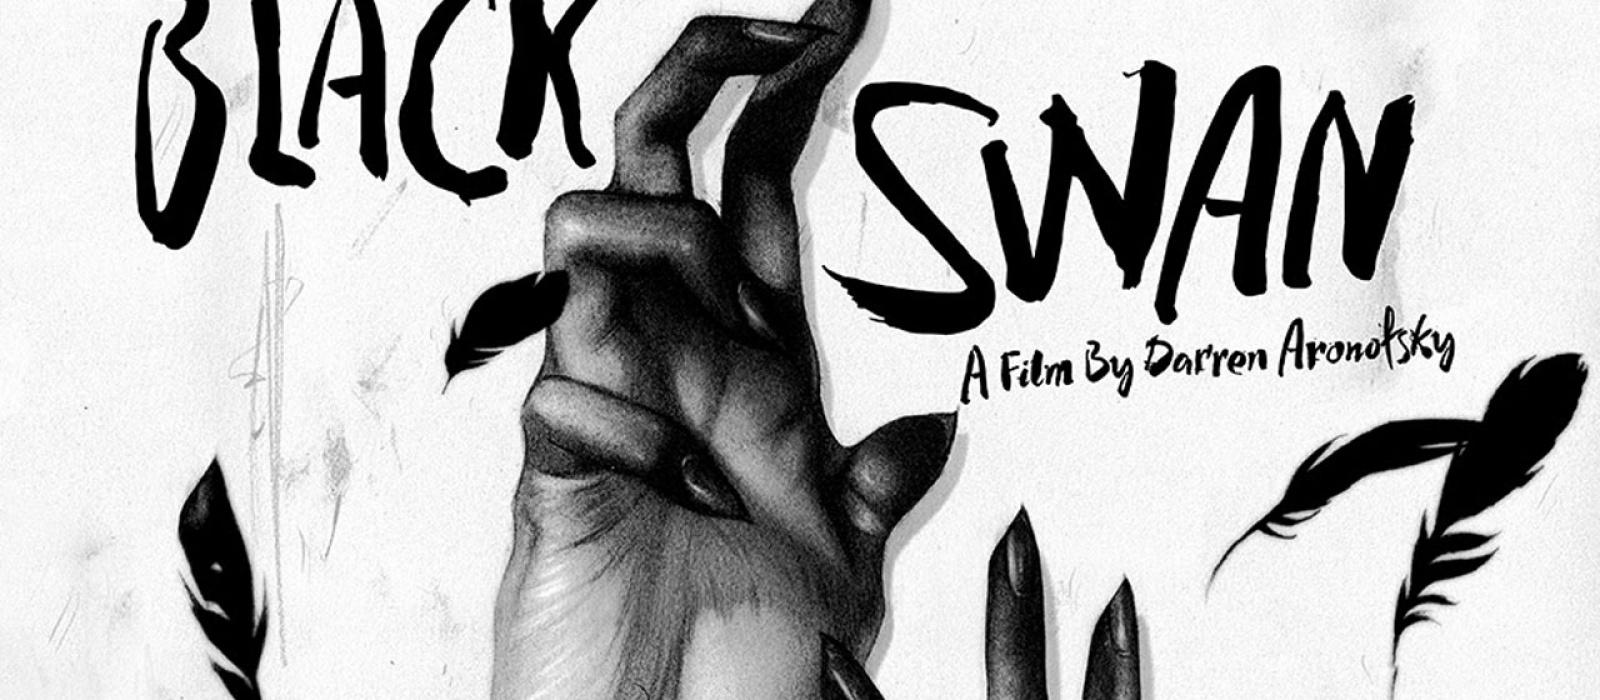 Black Swan at MondoCon